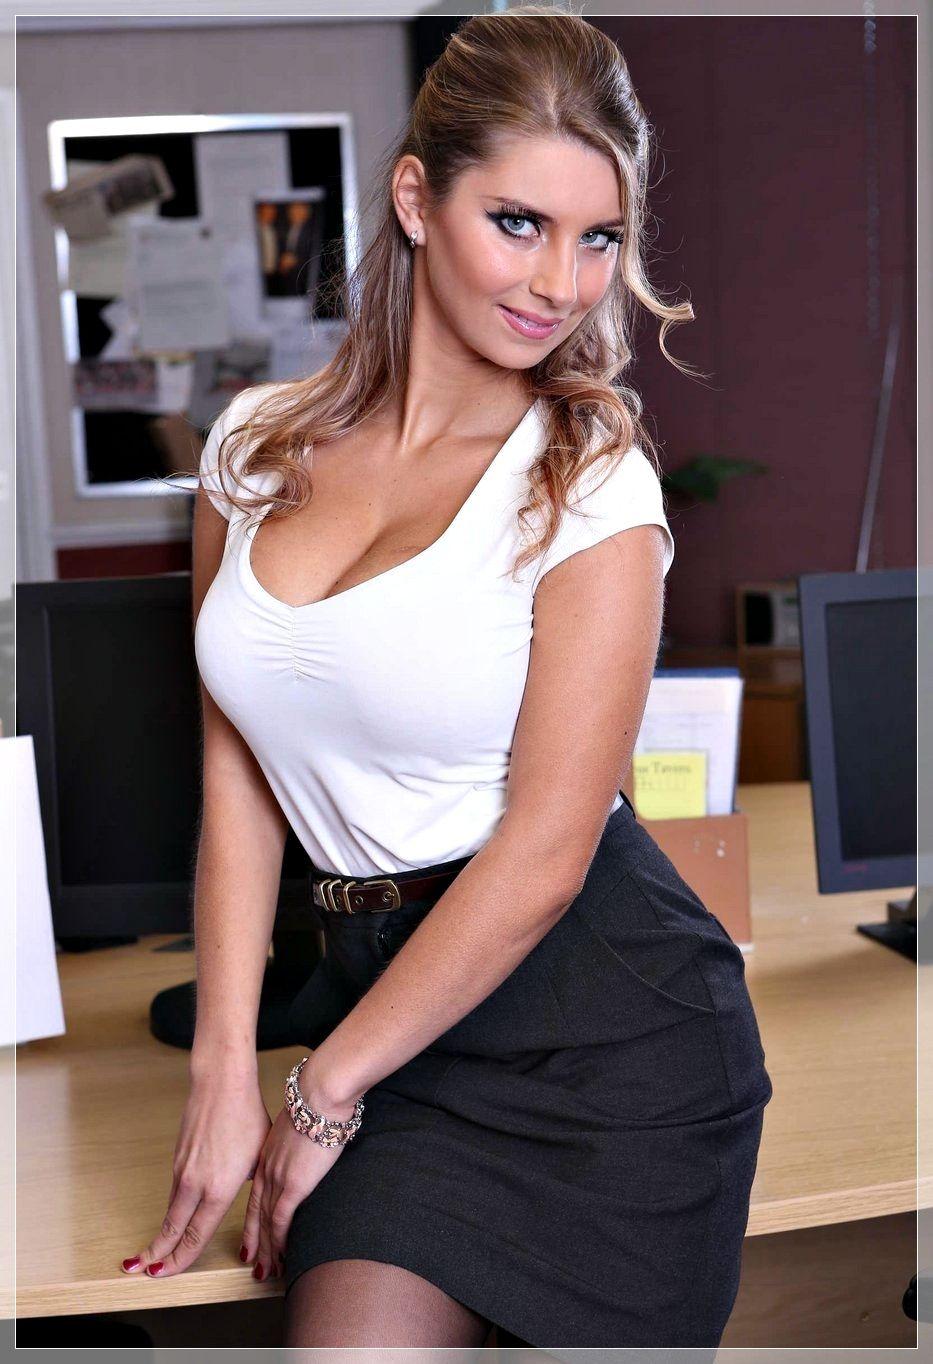 Katerina hartlova sexy arab